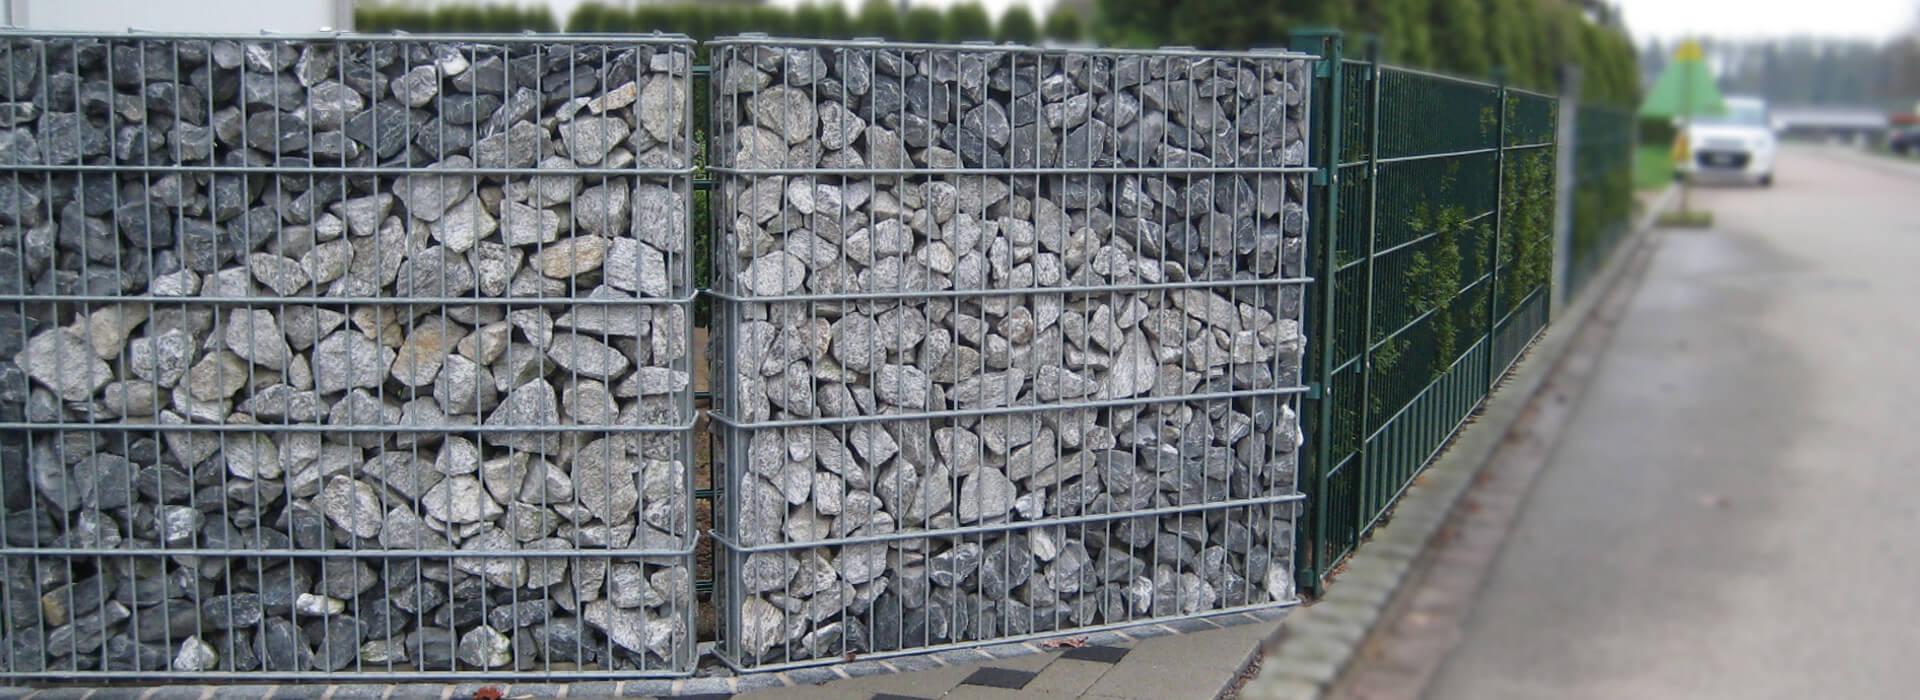 Gabionen mit Muster aus Stein